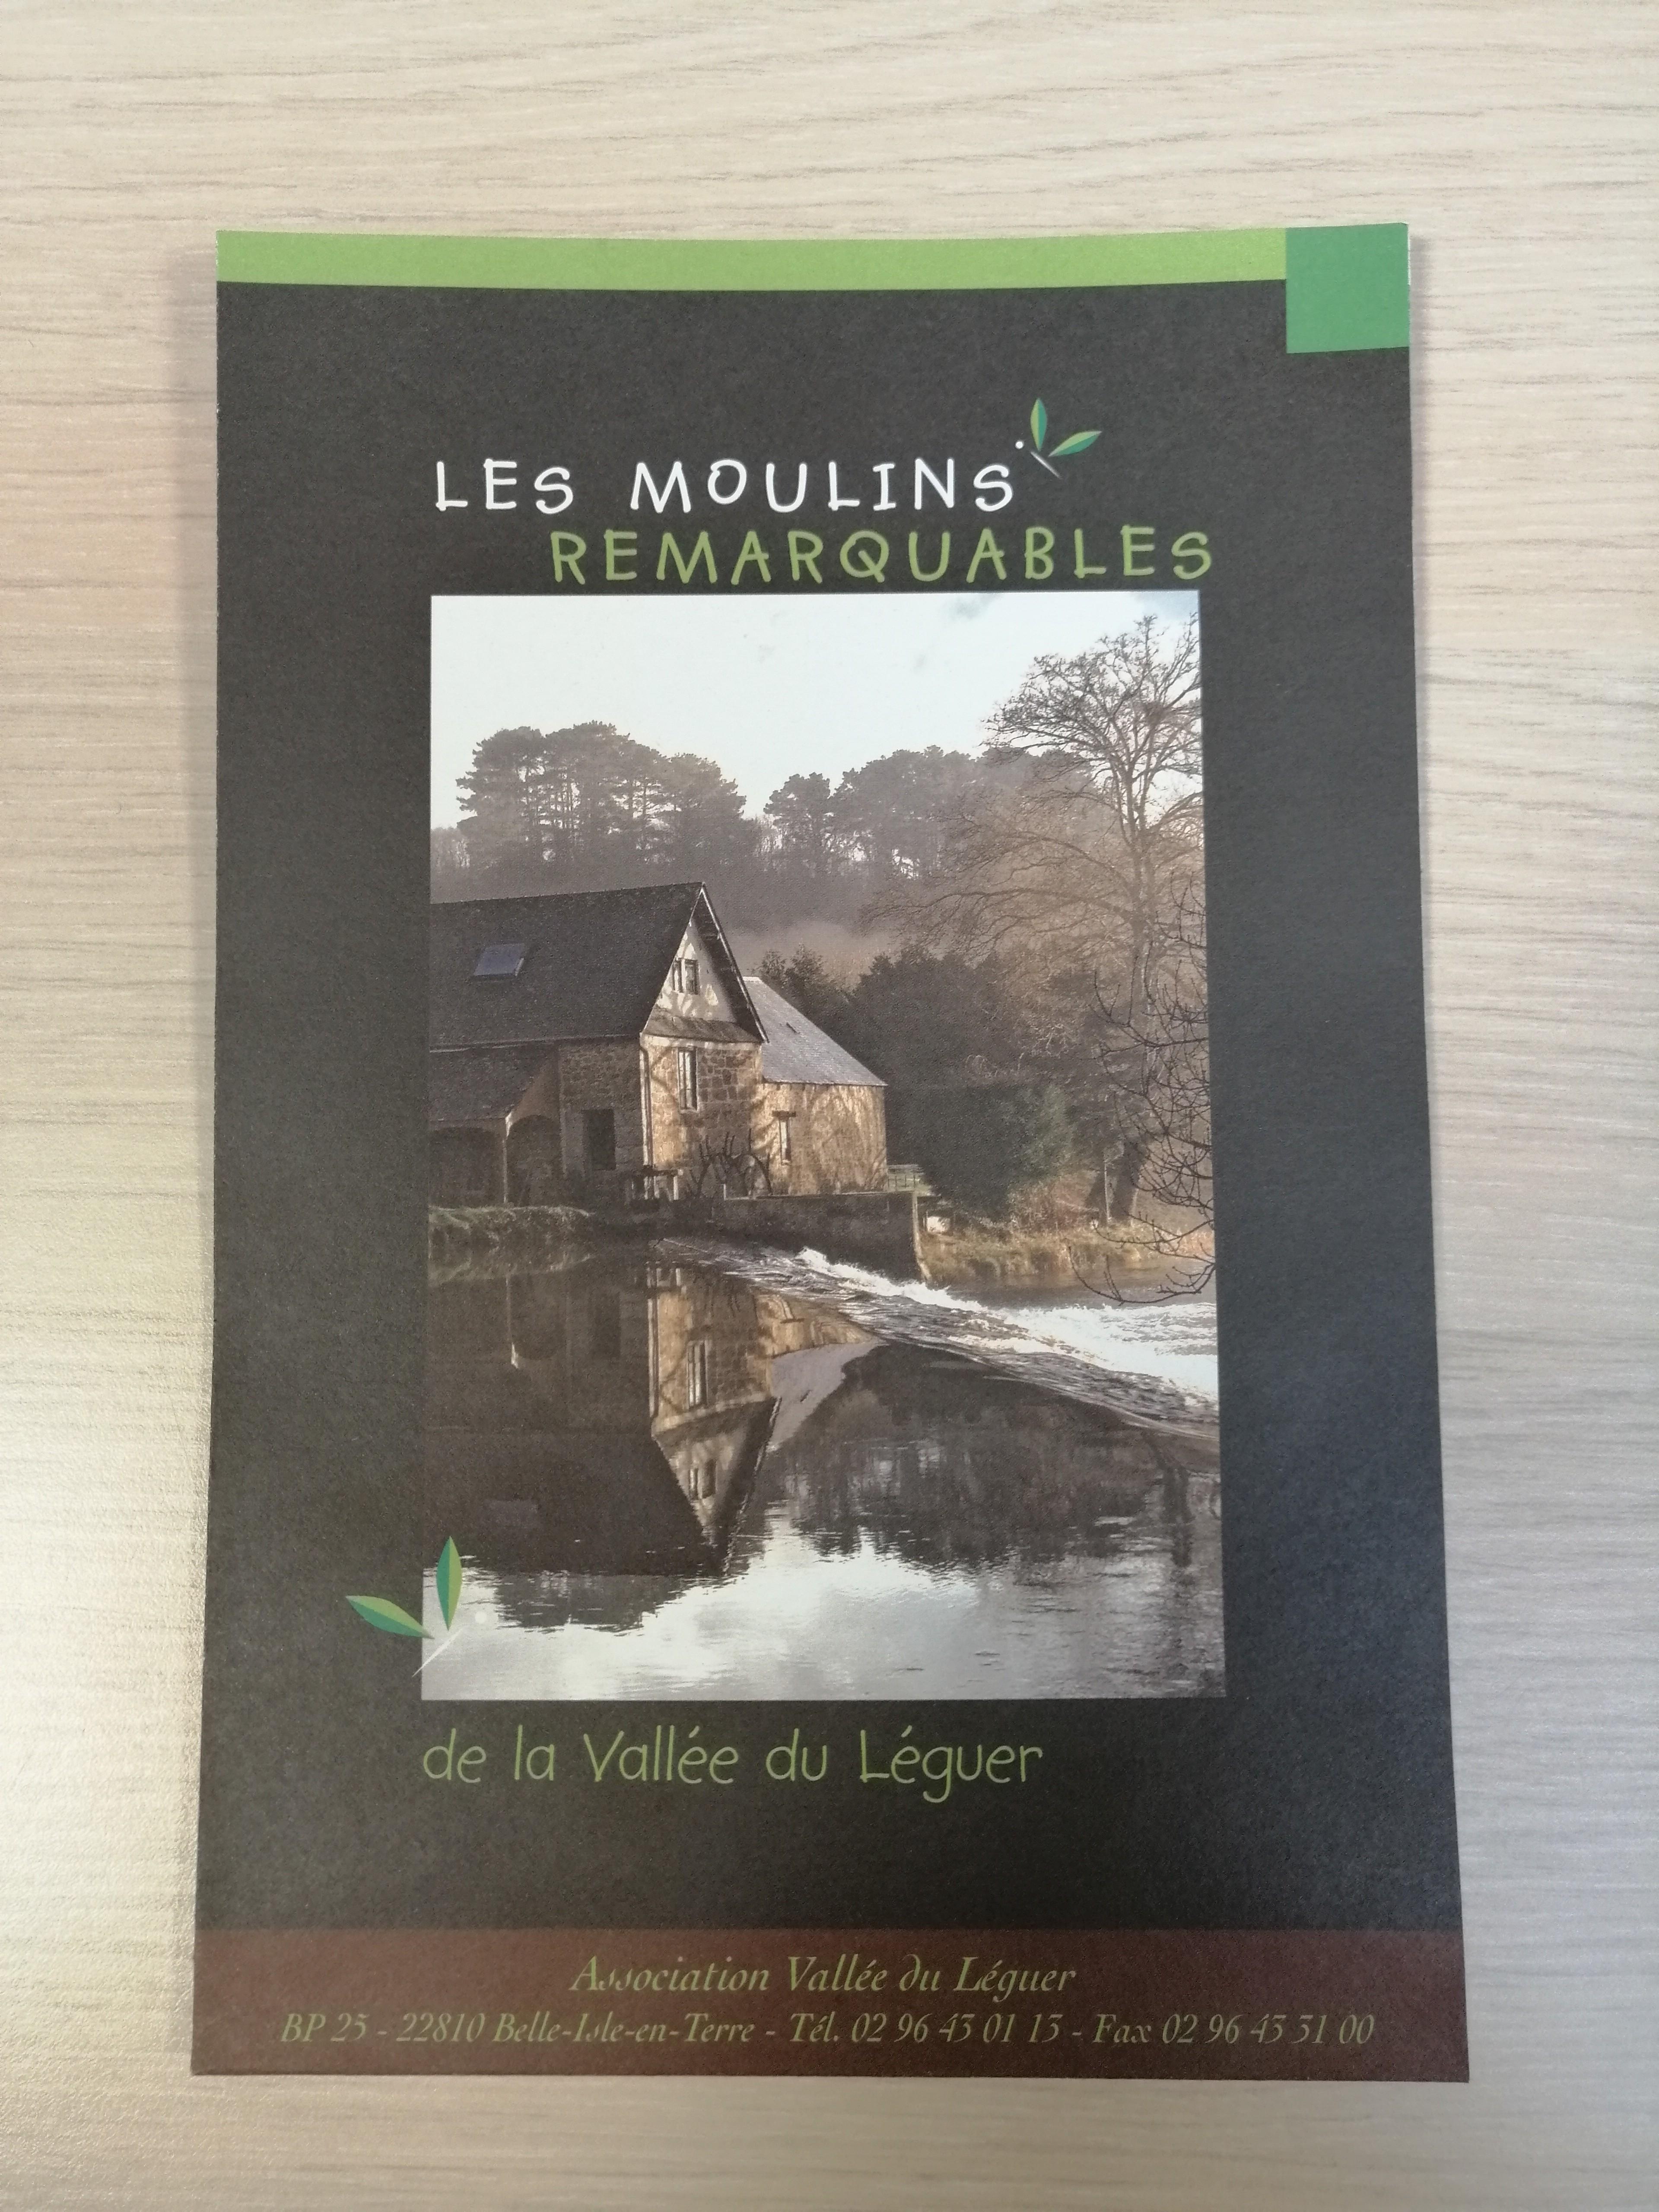 01 - Les moulins remarquables